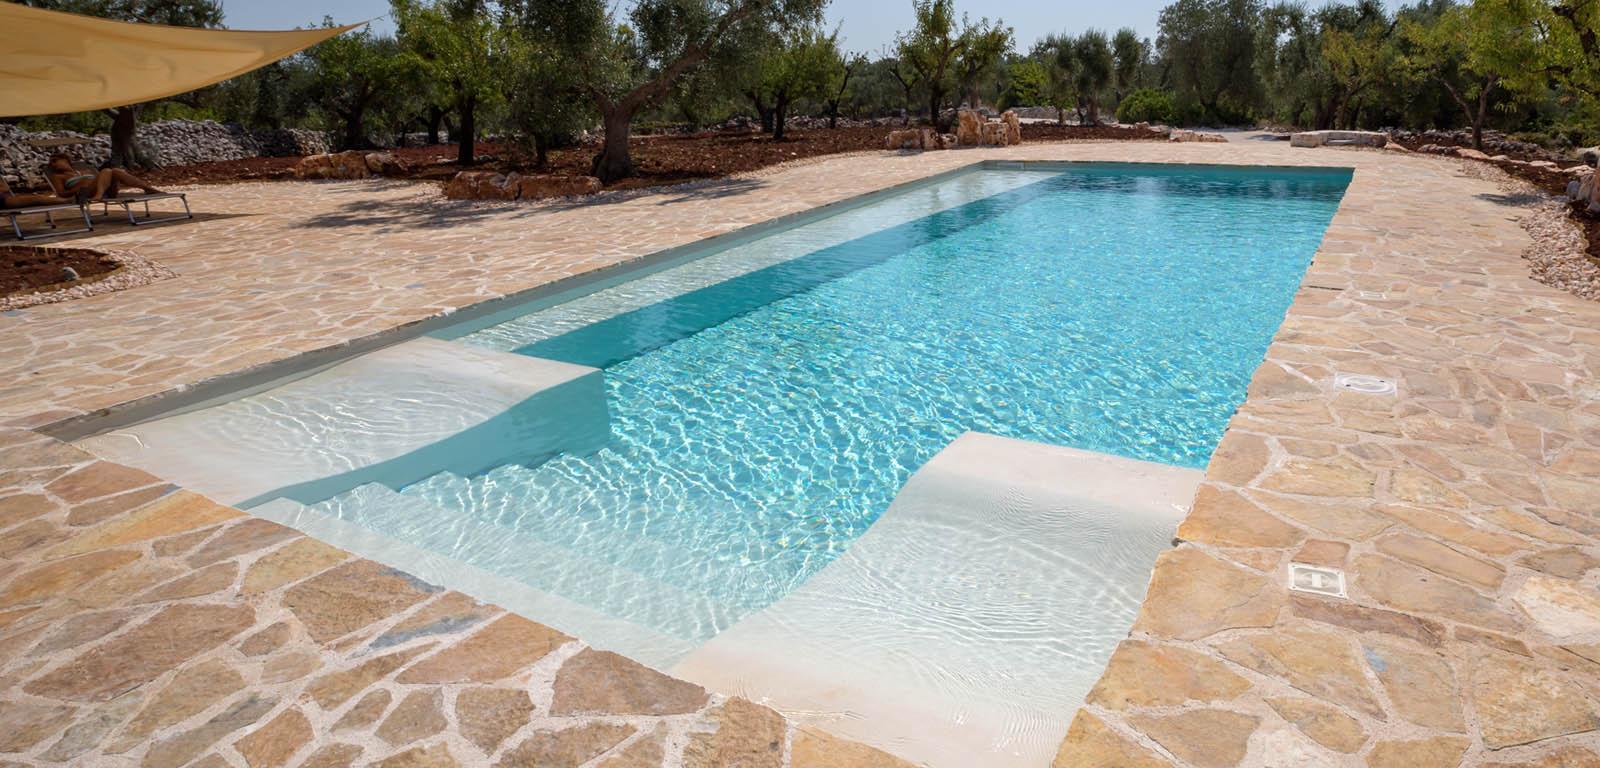 Piscine con telo bianco piscine castiglione for Piscine enterree 6x4